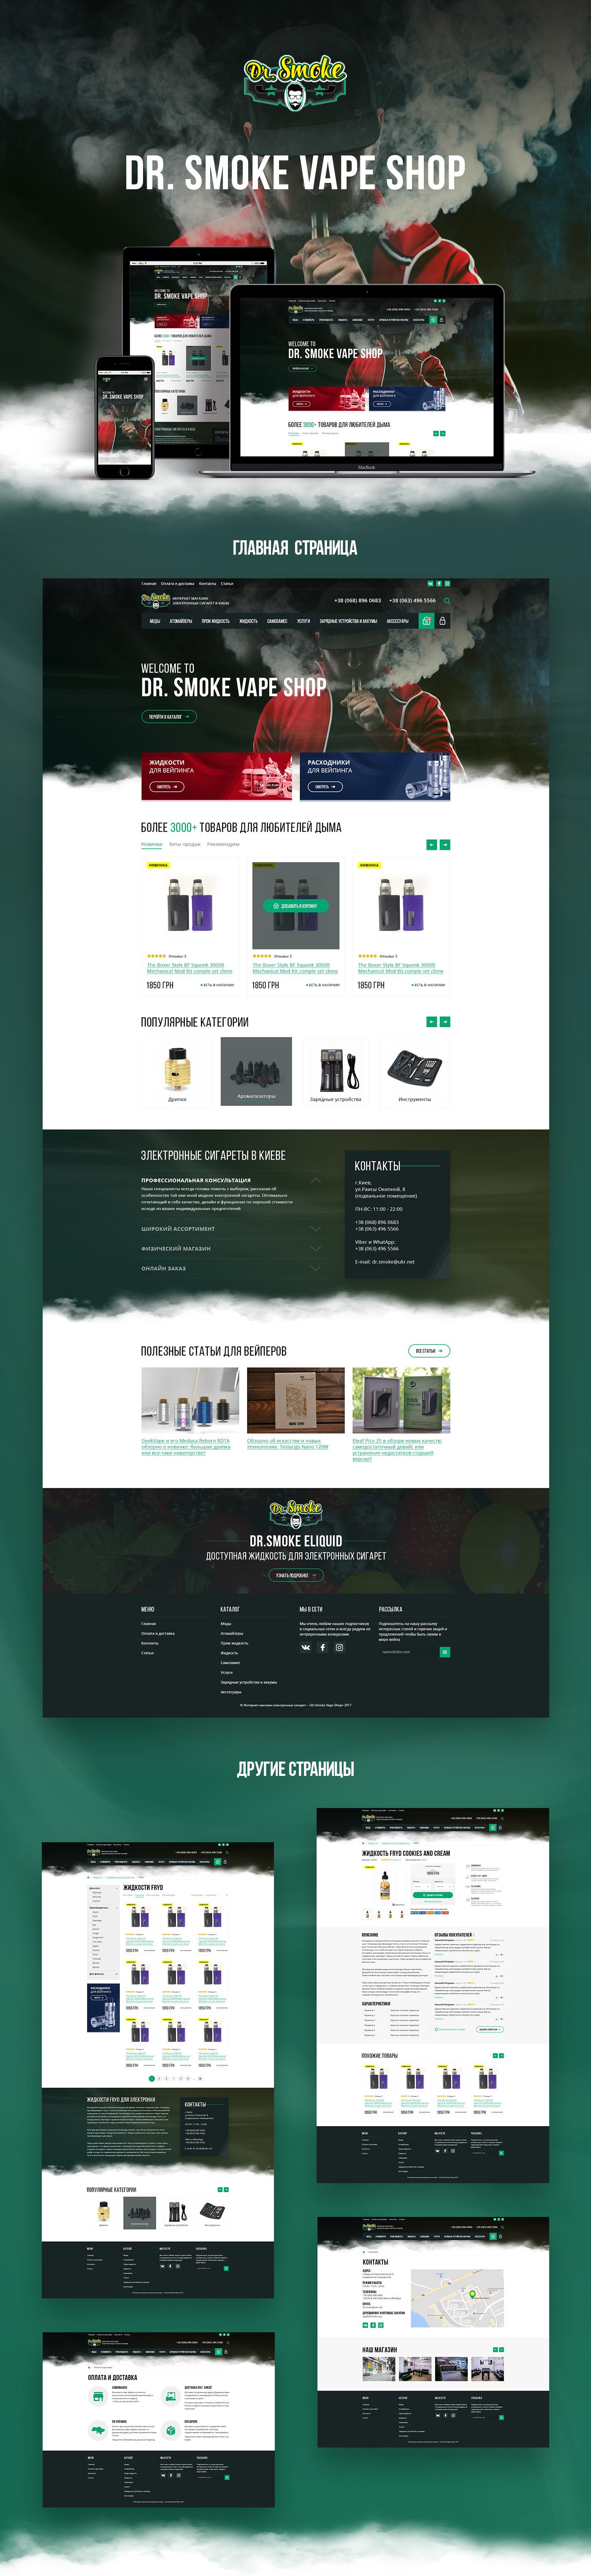 adobe photoshop Website Interface UI ux Ecommerce Vape shop